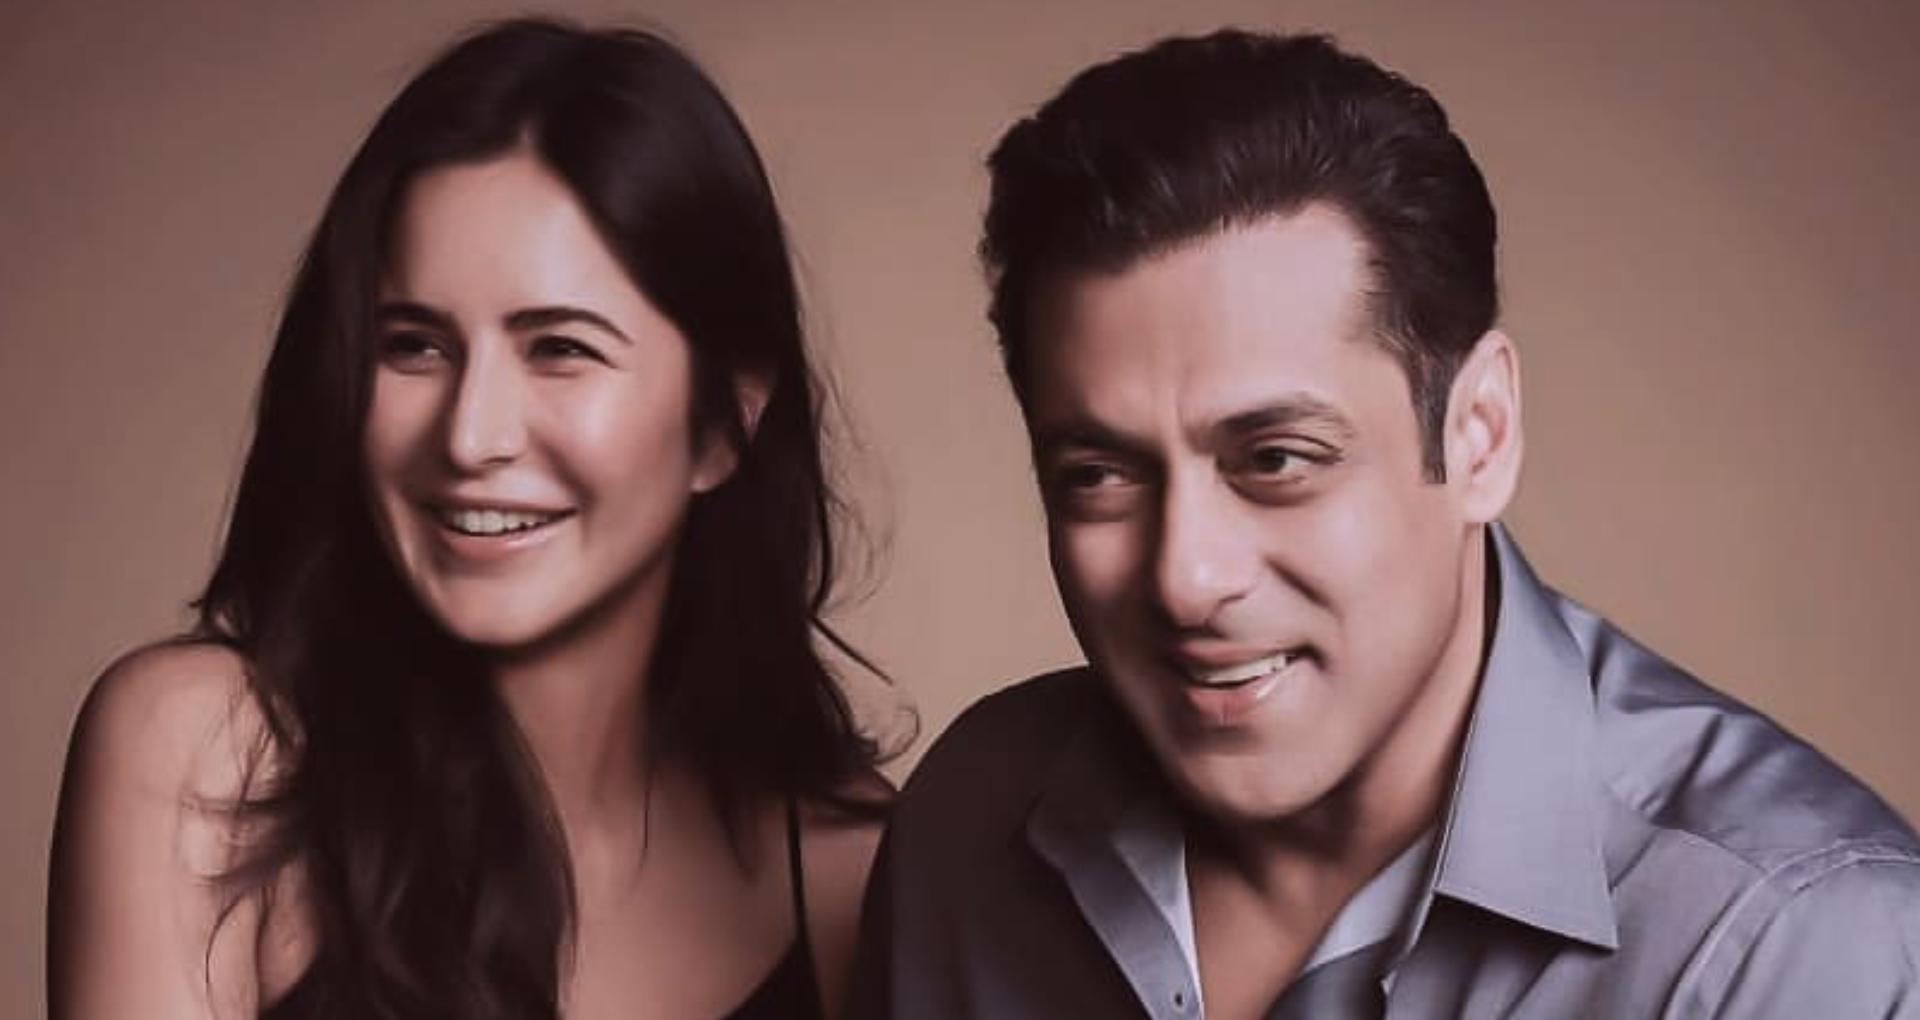 एक्सक्लूसिव: भारत के बाद इस फिल्म में सलमान खान-कैटरीना कैफ रोमांस करते आएंगे नजर, दबंग एक्टर ने किया खुलासा